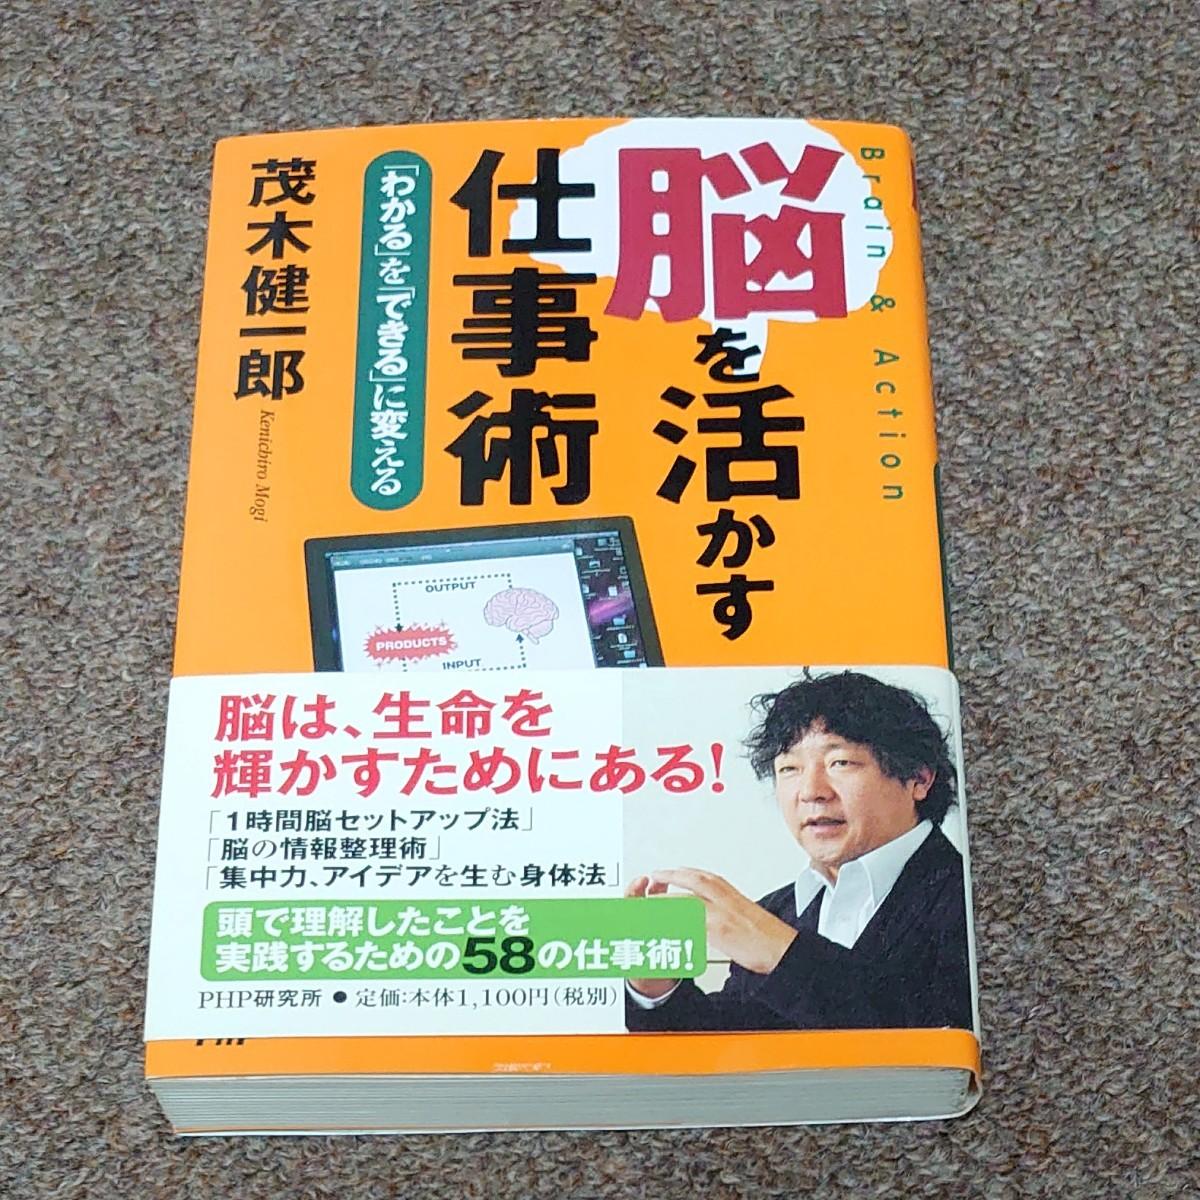 脳を活かす仕事術 茂木健一郎